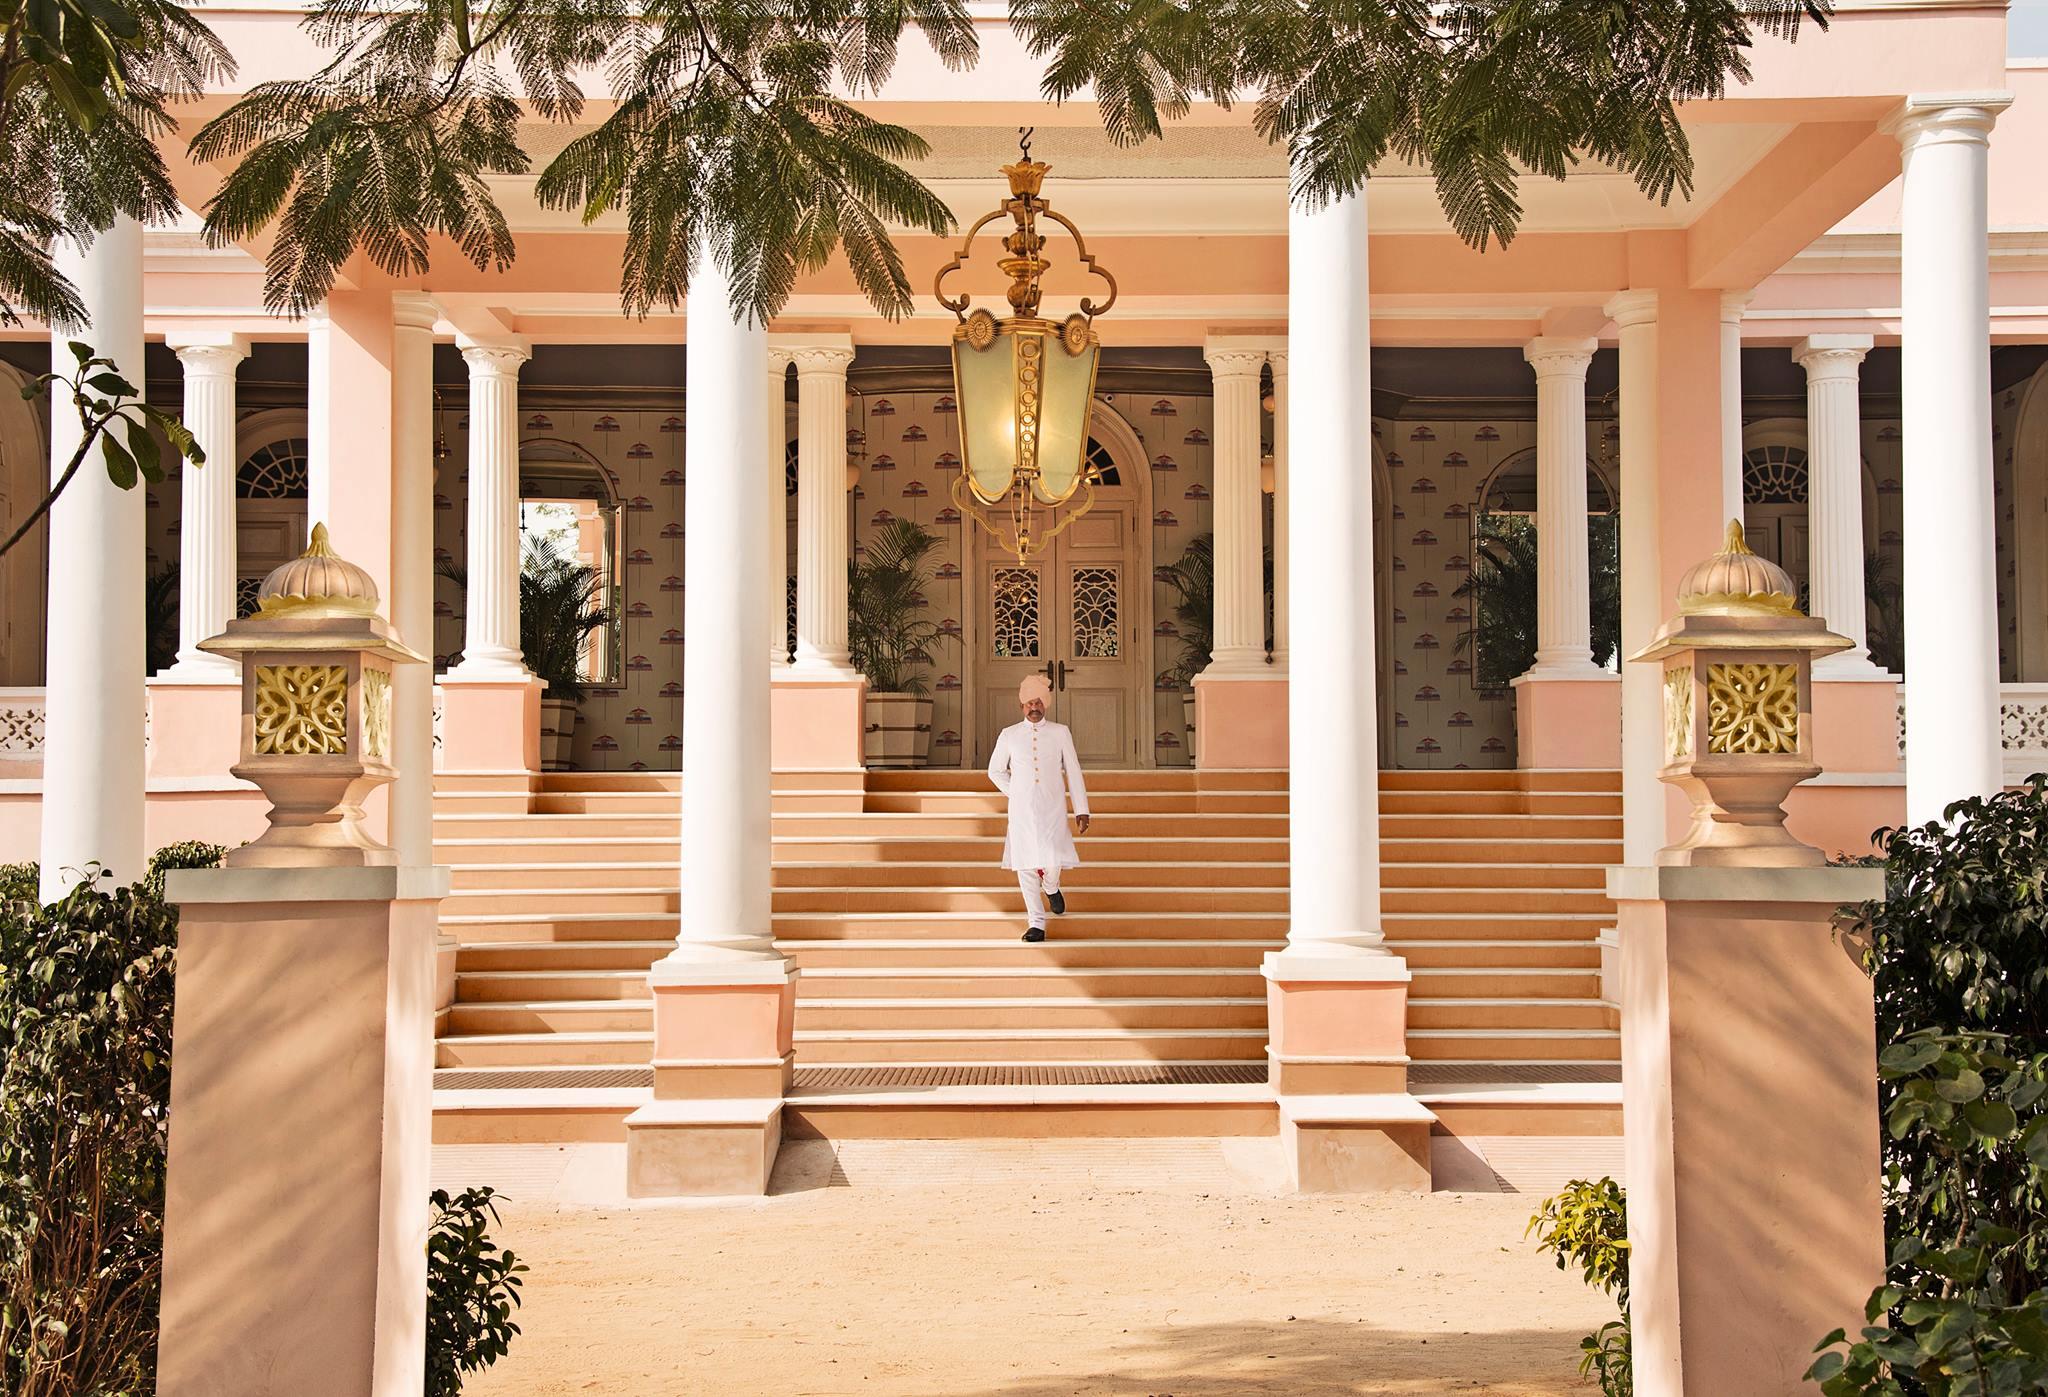 Photo: courtesy of Sujan Rajmahal Palace